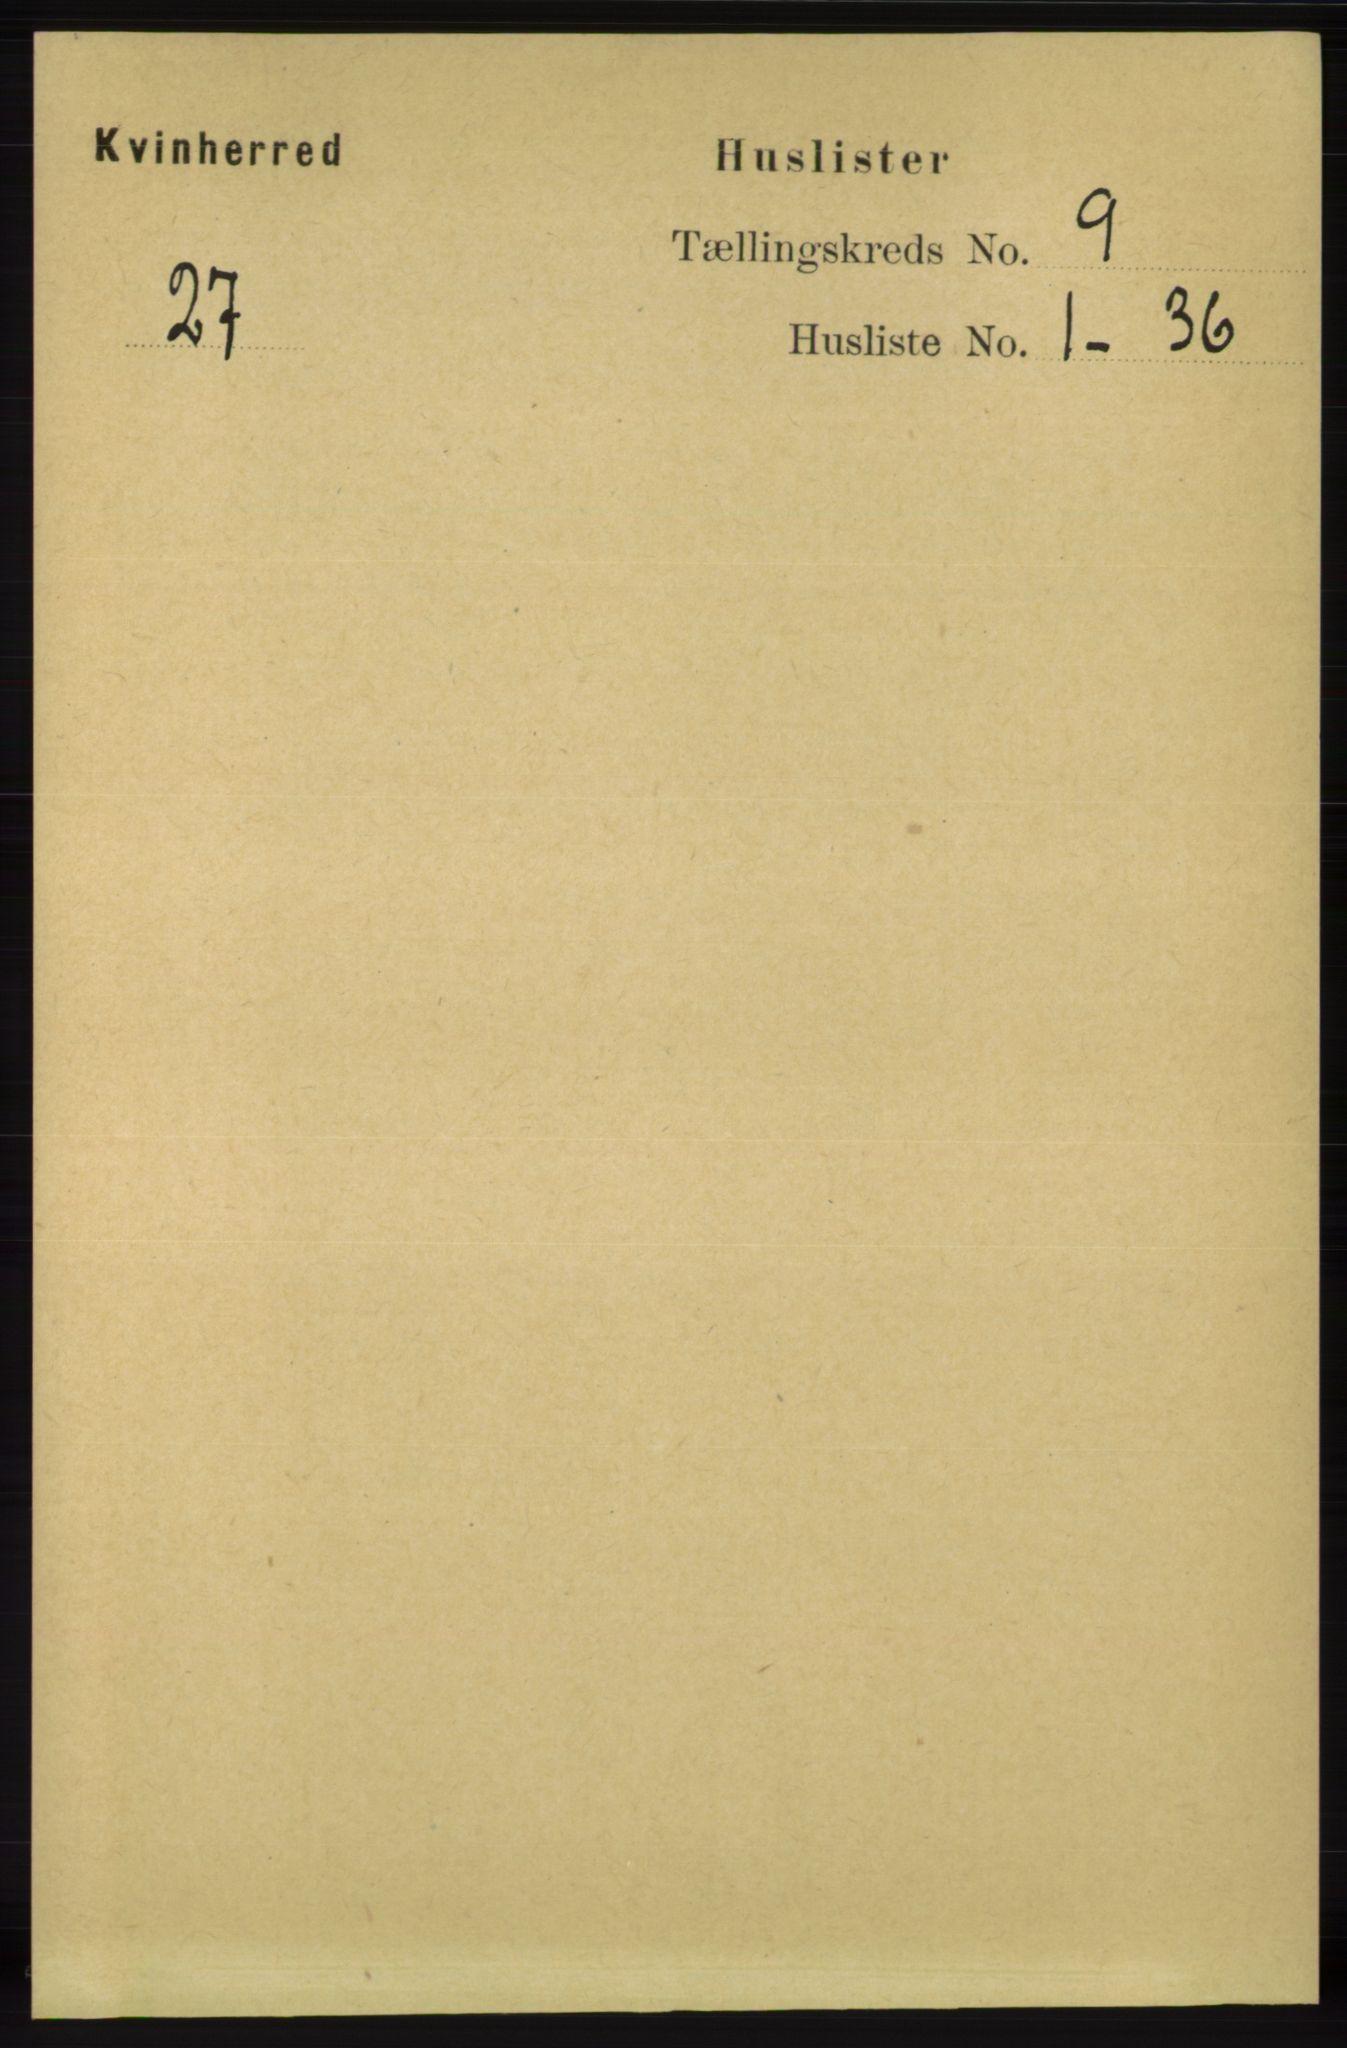 RA, Folketelling 1891 for 1224 Kvinnherad herred, 1891, s. 3264